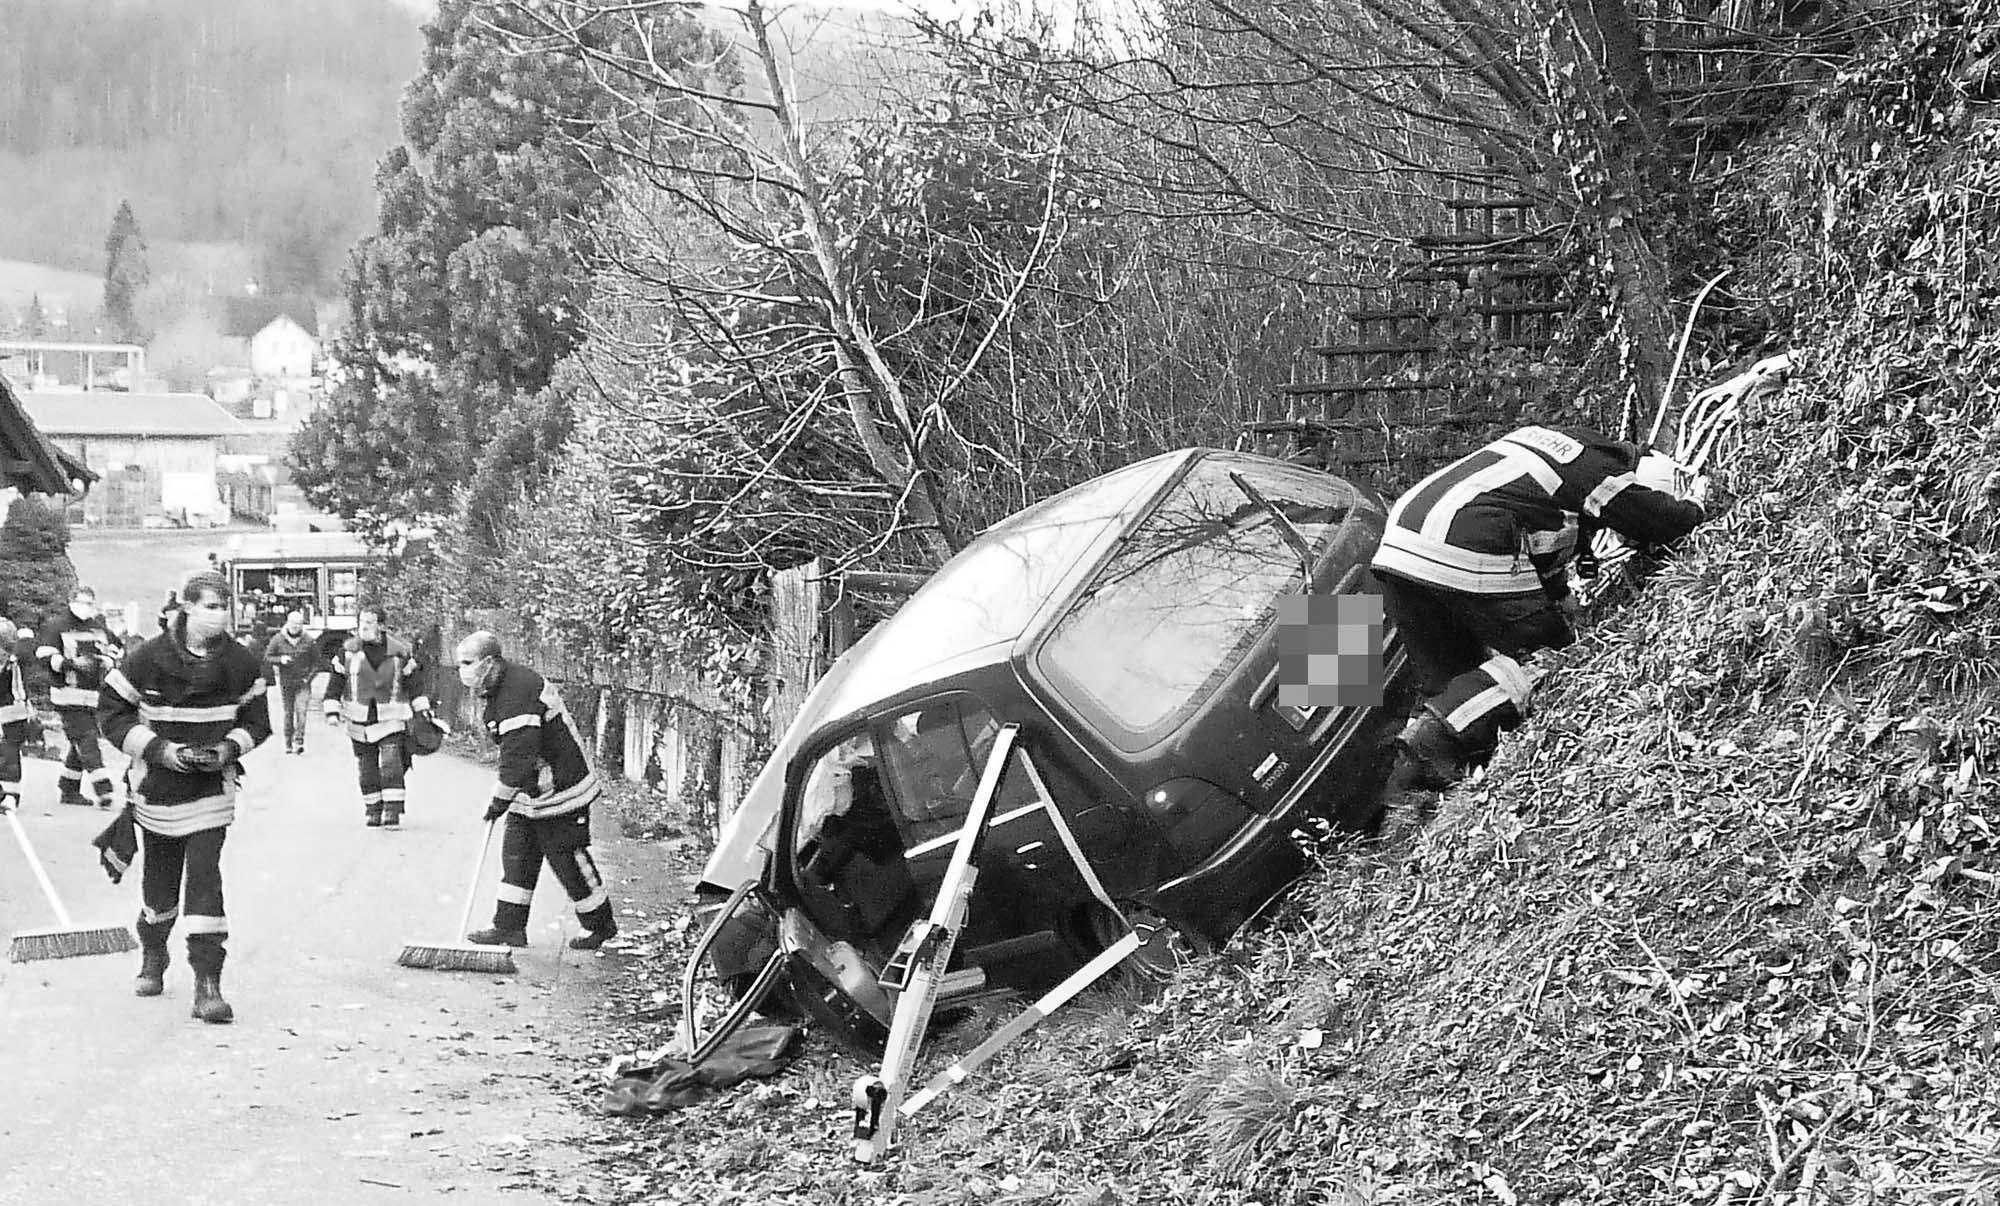 2021-1-11-Haslach-Schnellingen-FFW Haslach-Schwabo-Autounfall